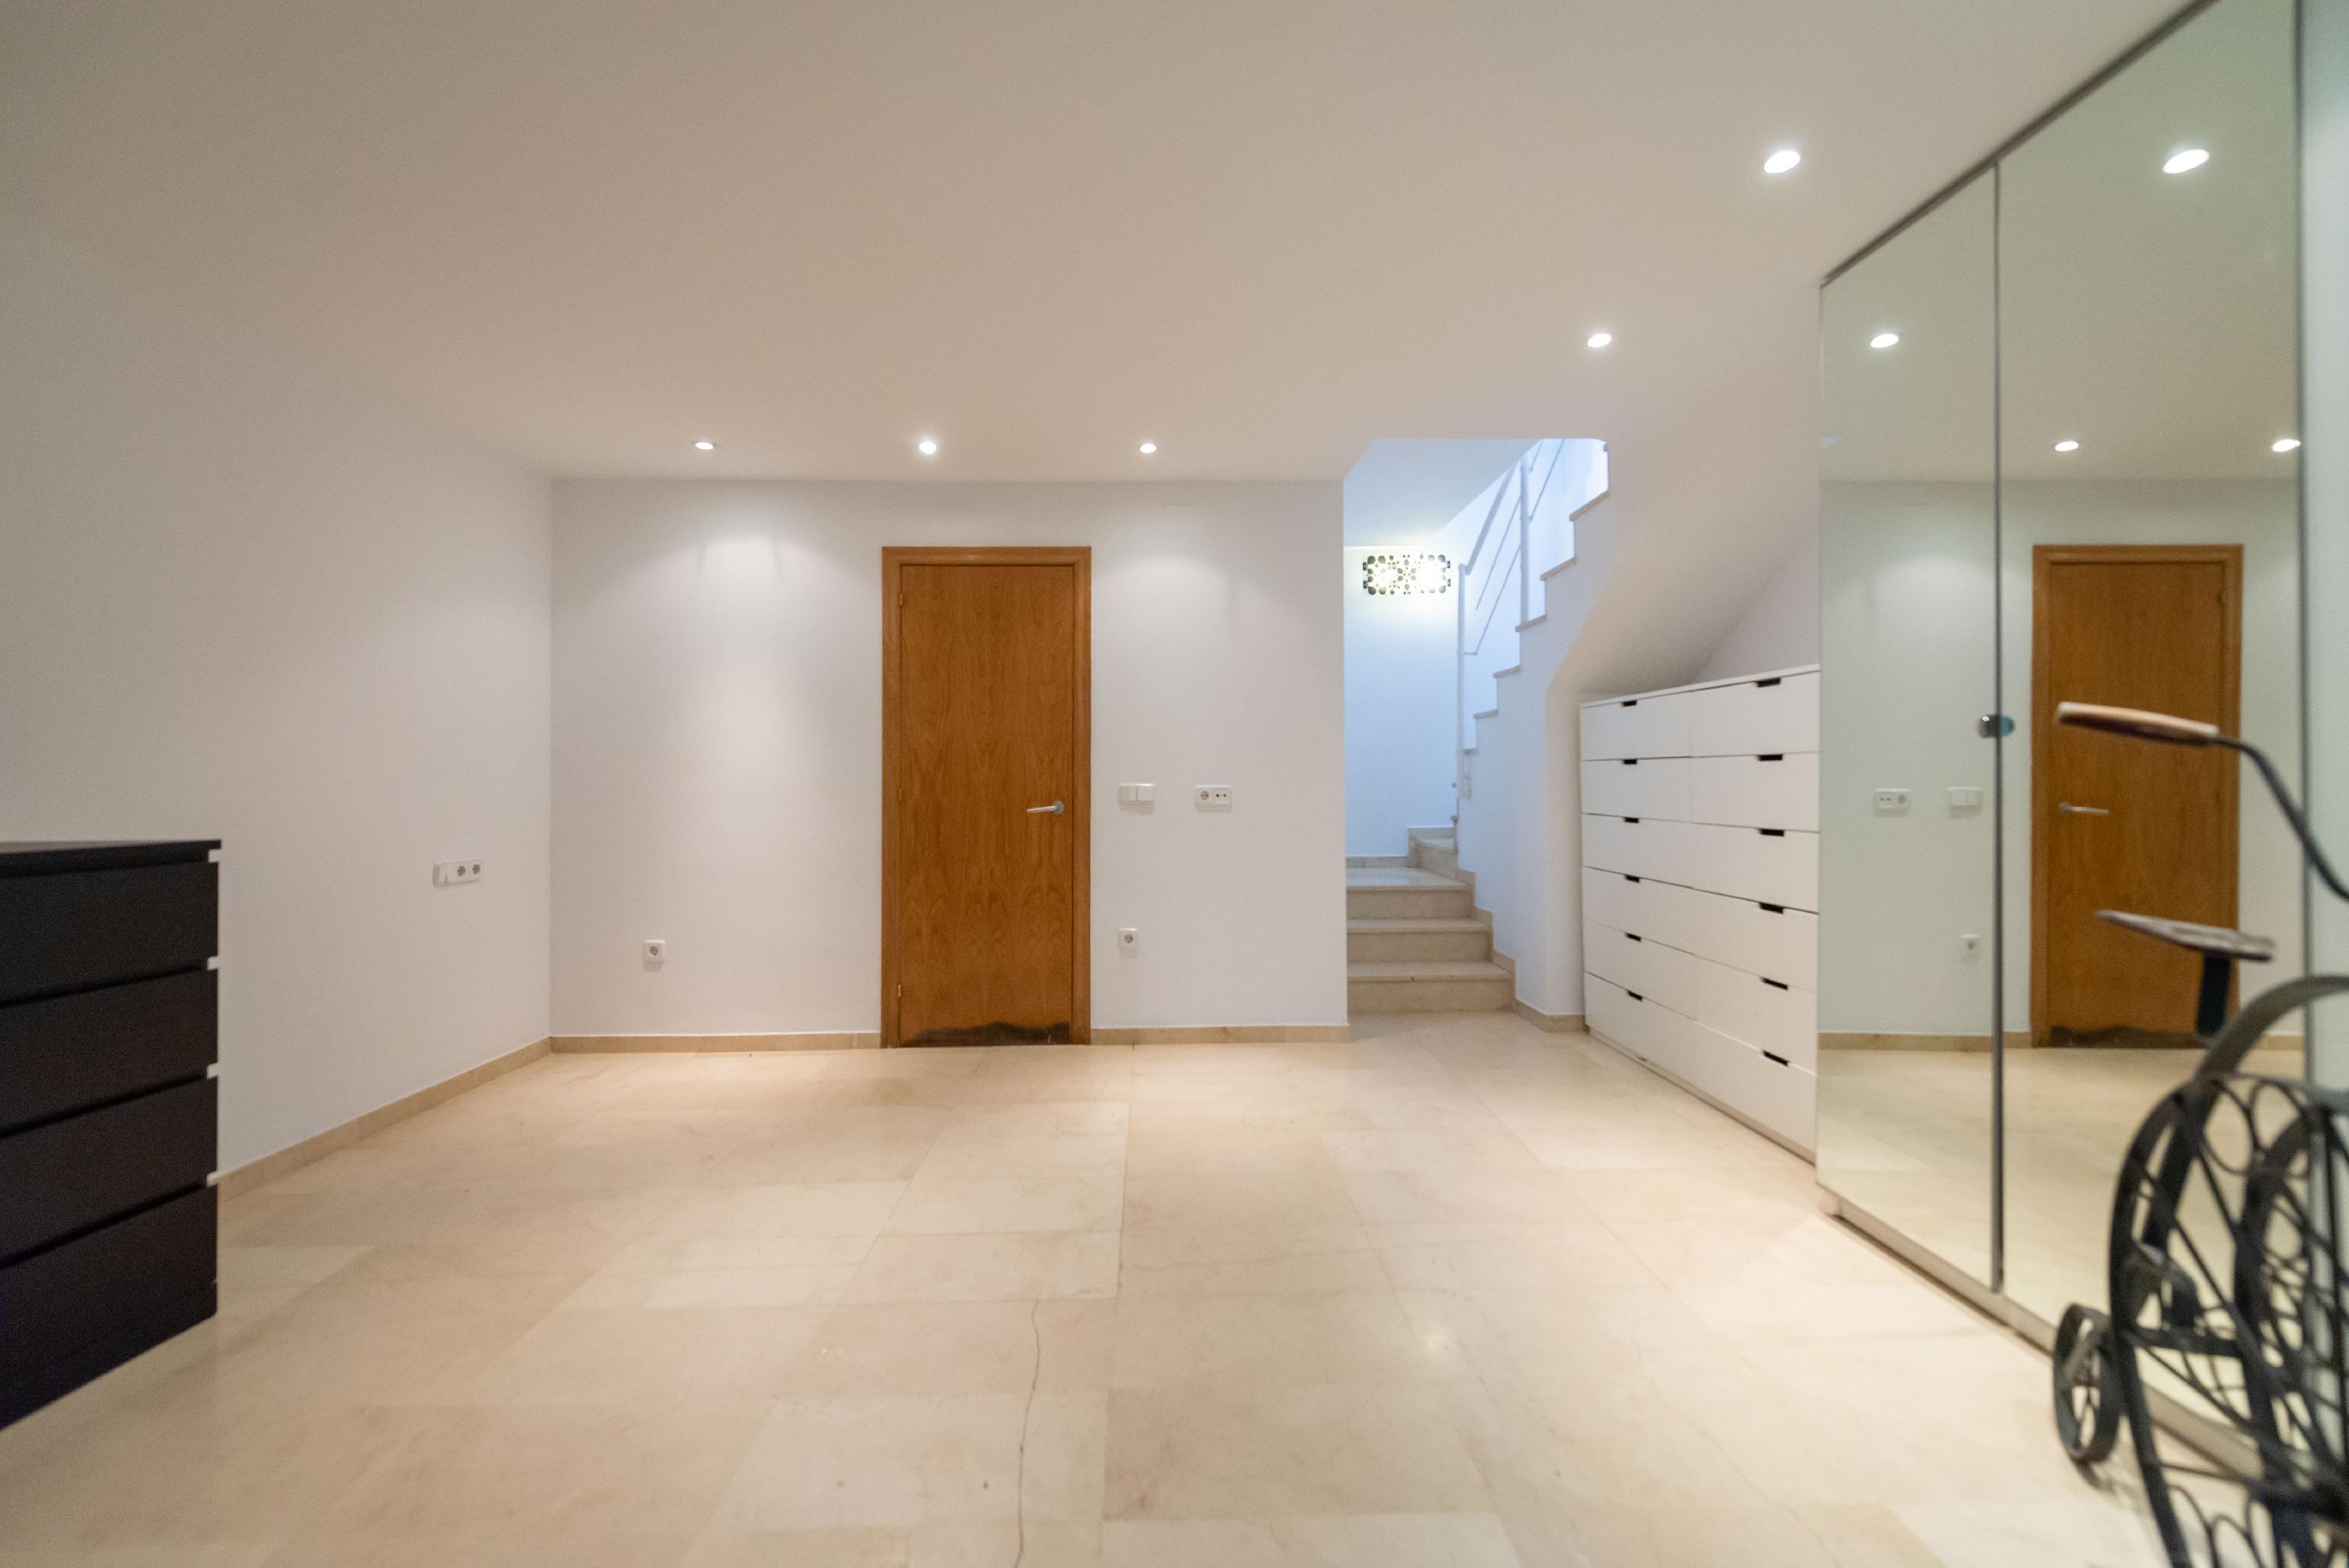 249634 House for sale in Gràcia, Vila de Gràcia 20